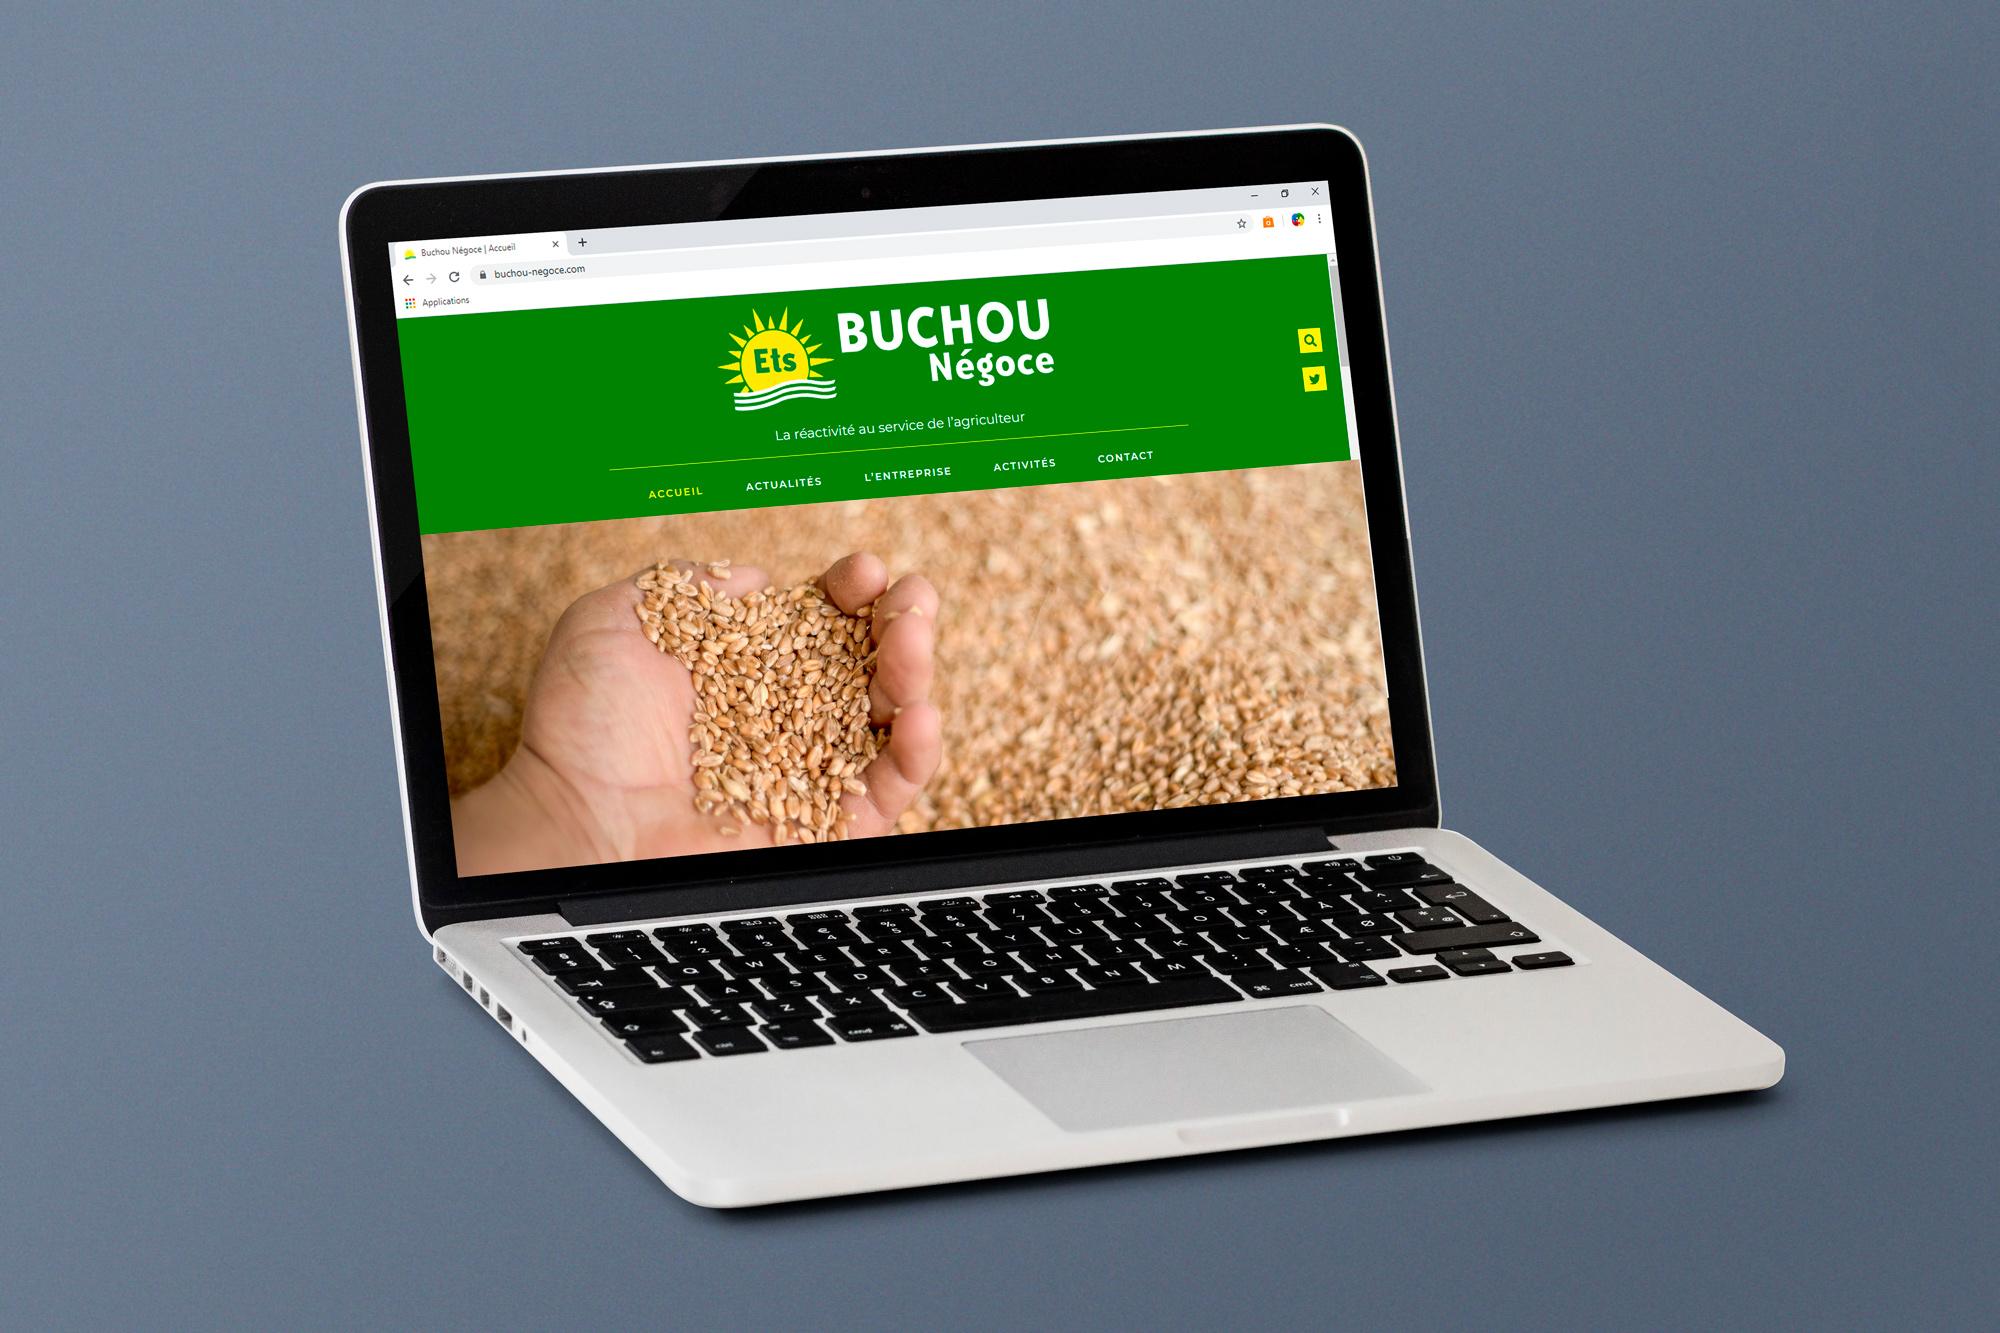 Buchou Négoce